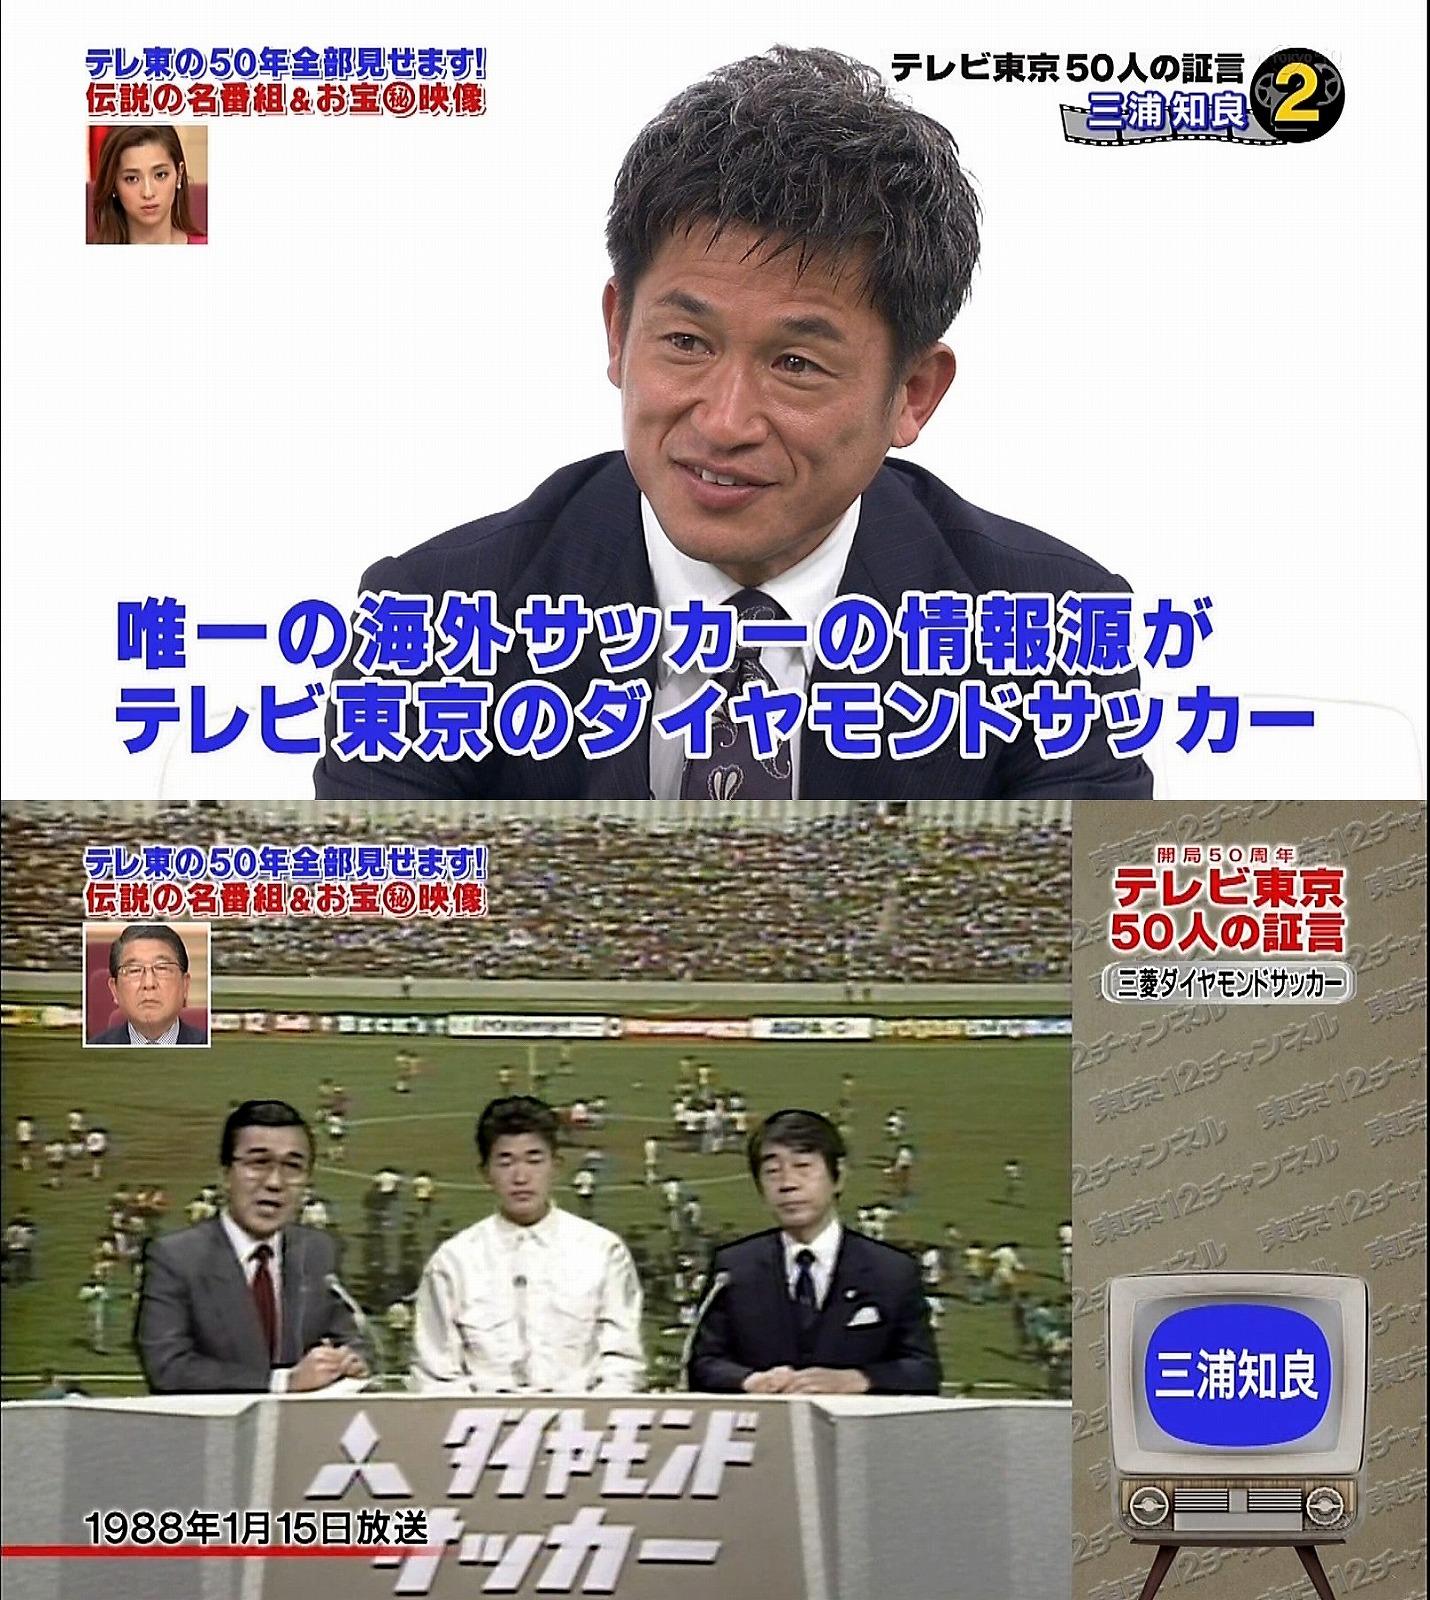 視・読・聴〕: 開局50周年! テレ...